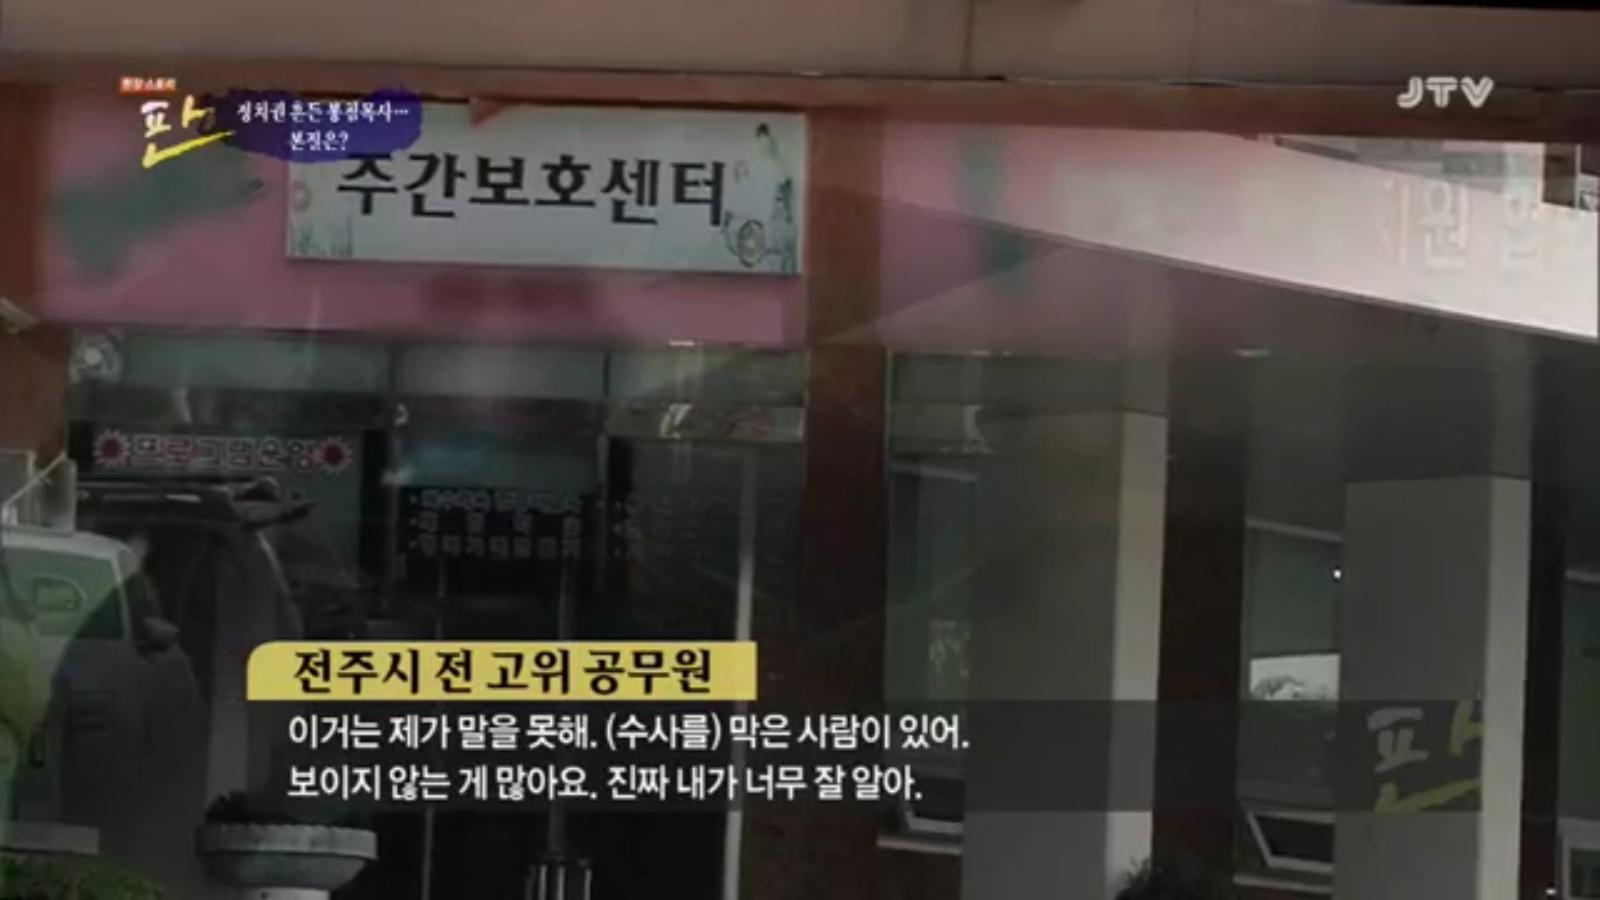 [18.4.13 JTV] 전주 봉침게이트, 정치권 흔든 봉침목사...본질은40.jpg